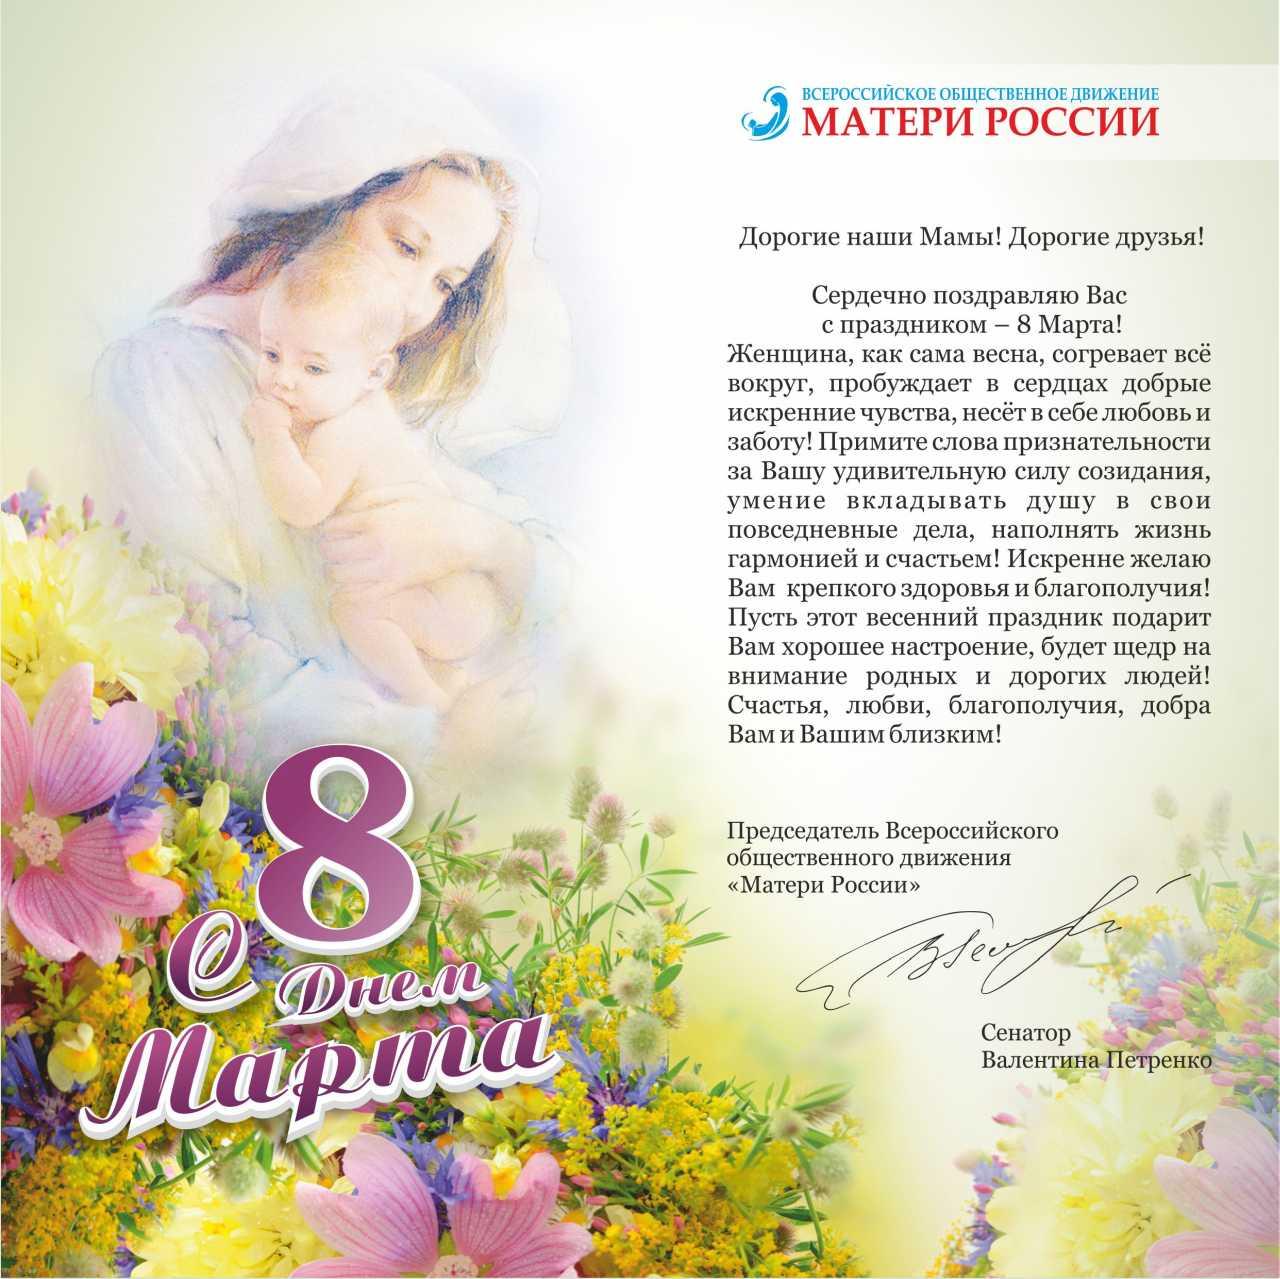 Красивые поздравления с Днем рождения маме - Новости на KP 5